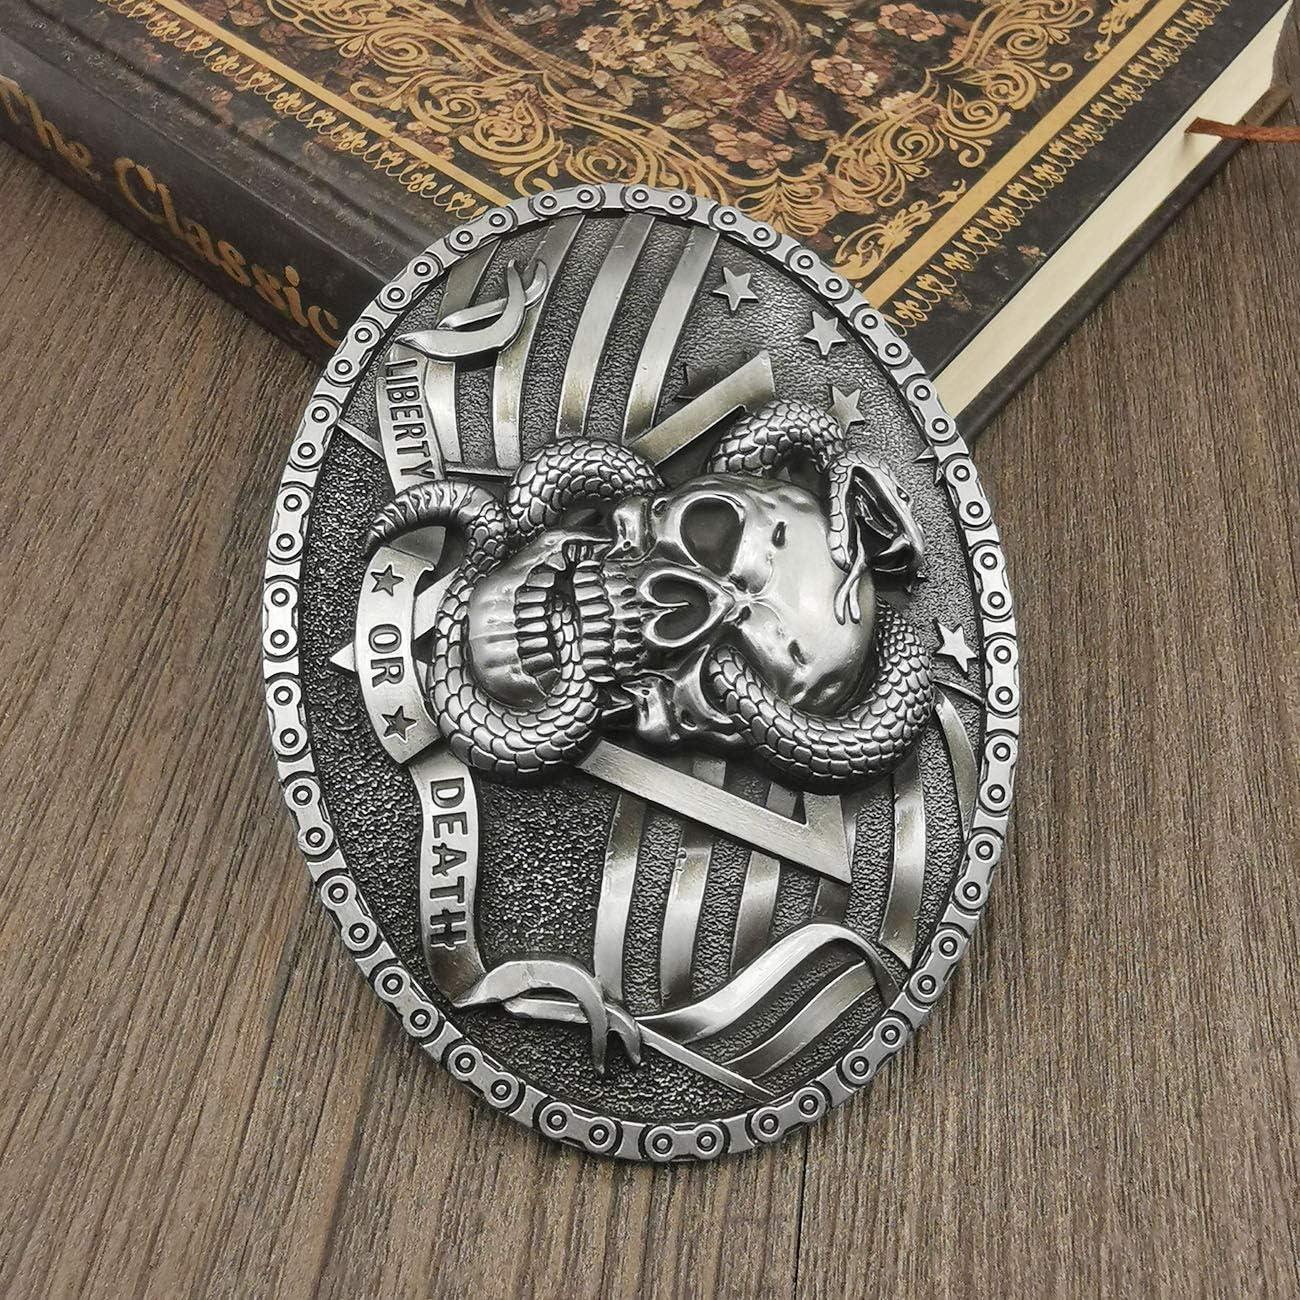 YOQUCOL Vintage Devil Skeleton Skull Snake Head Belt Buckle American Western Cowboy Belt Buckle For Men